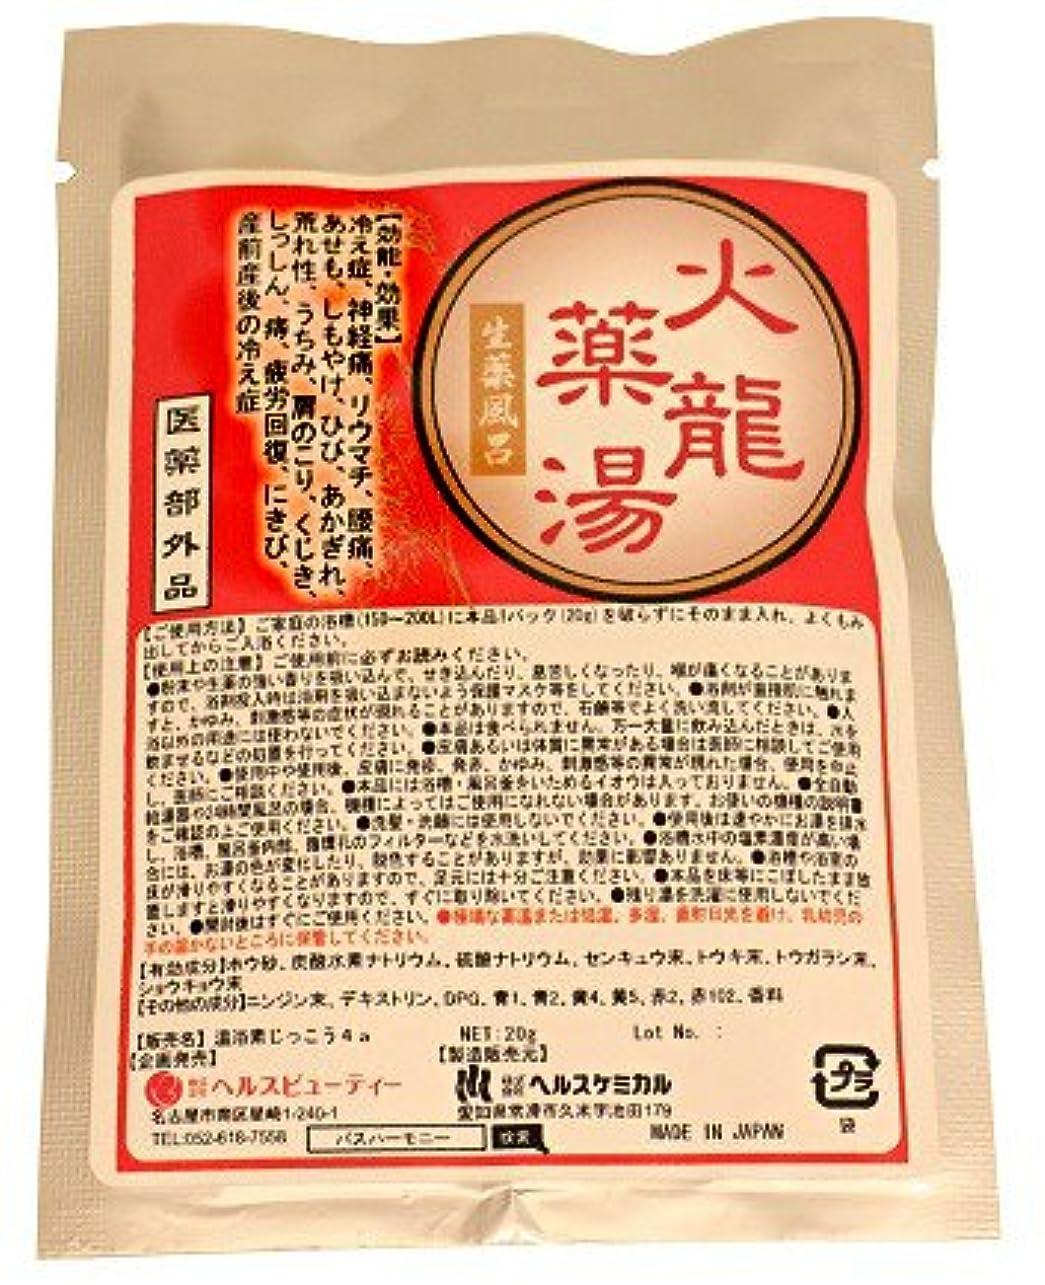 見ましたきゅうり好色な火龍 薬湯 分包 タイプ 1回分 生薬 薬湯 天然生薬 の 香り 医薬部外品